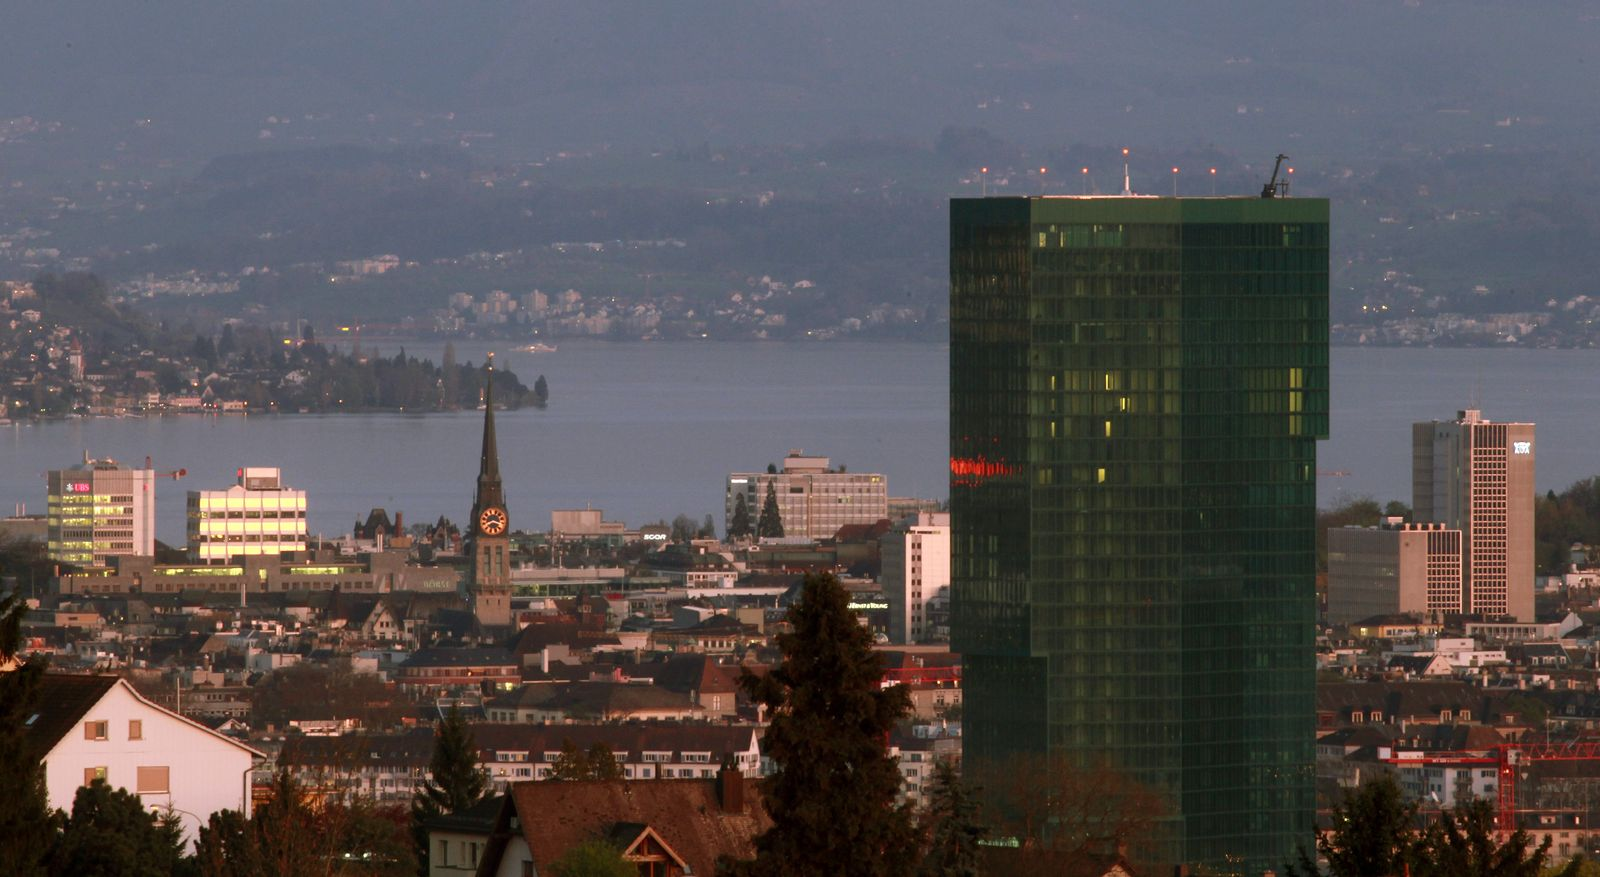 Schweiz / Zurich / City